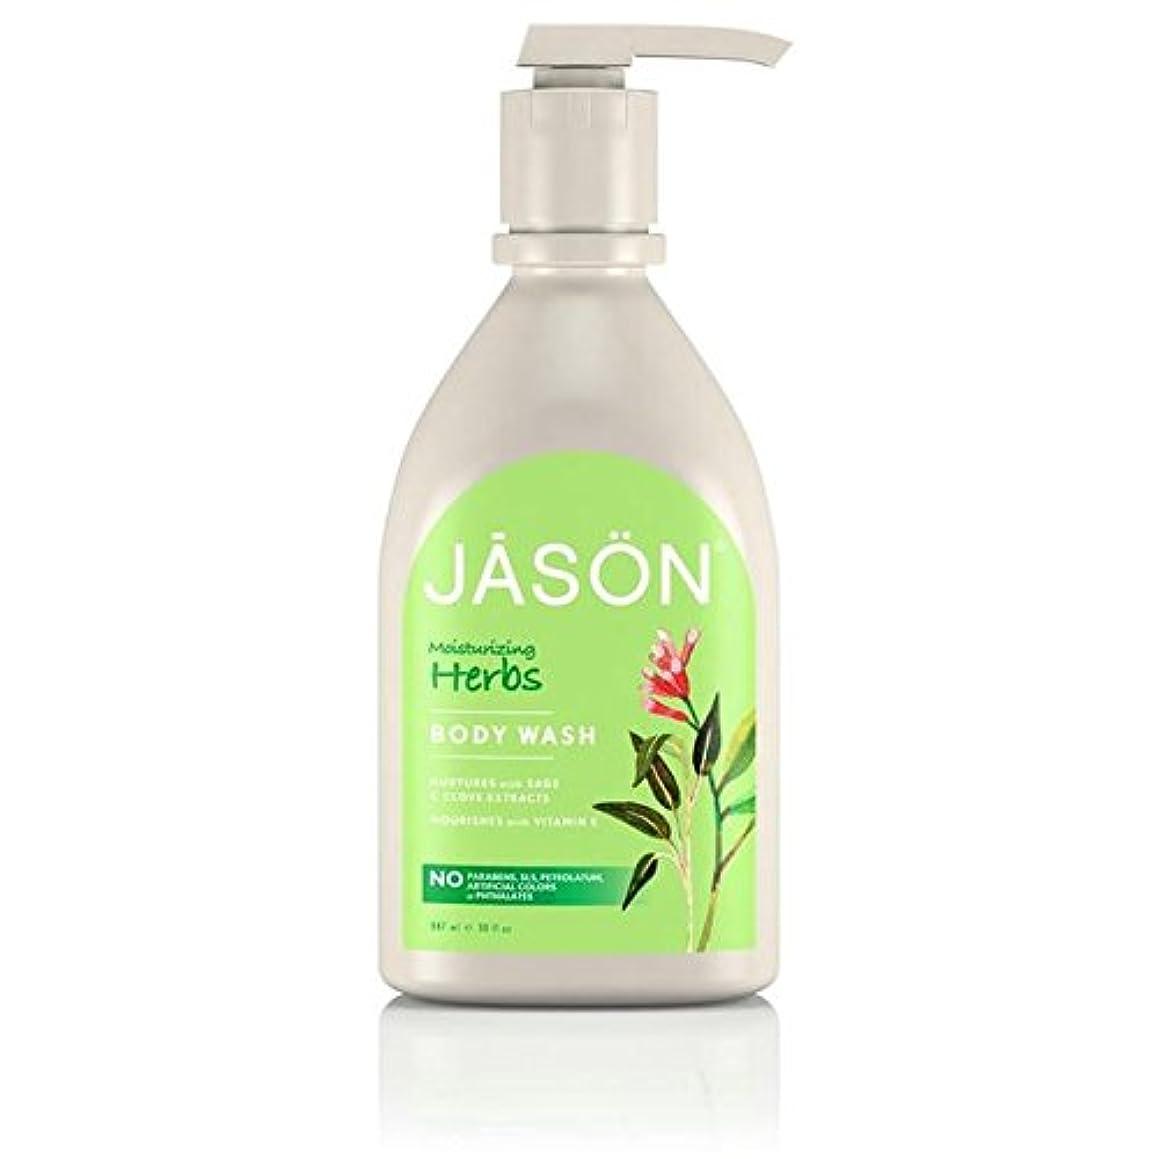 今カスケードサージジェイソン?ハーブサテンボディウォッシュポンプ900ミリリットル x2 - Jason Herbal Satin Body Wash Pump 900ml (Pack of 2) [並行輸入品]